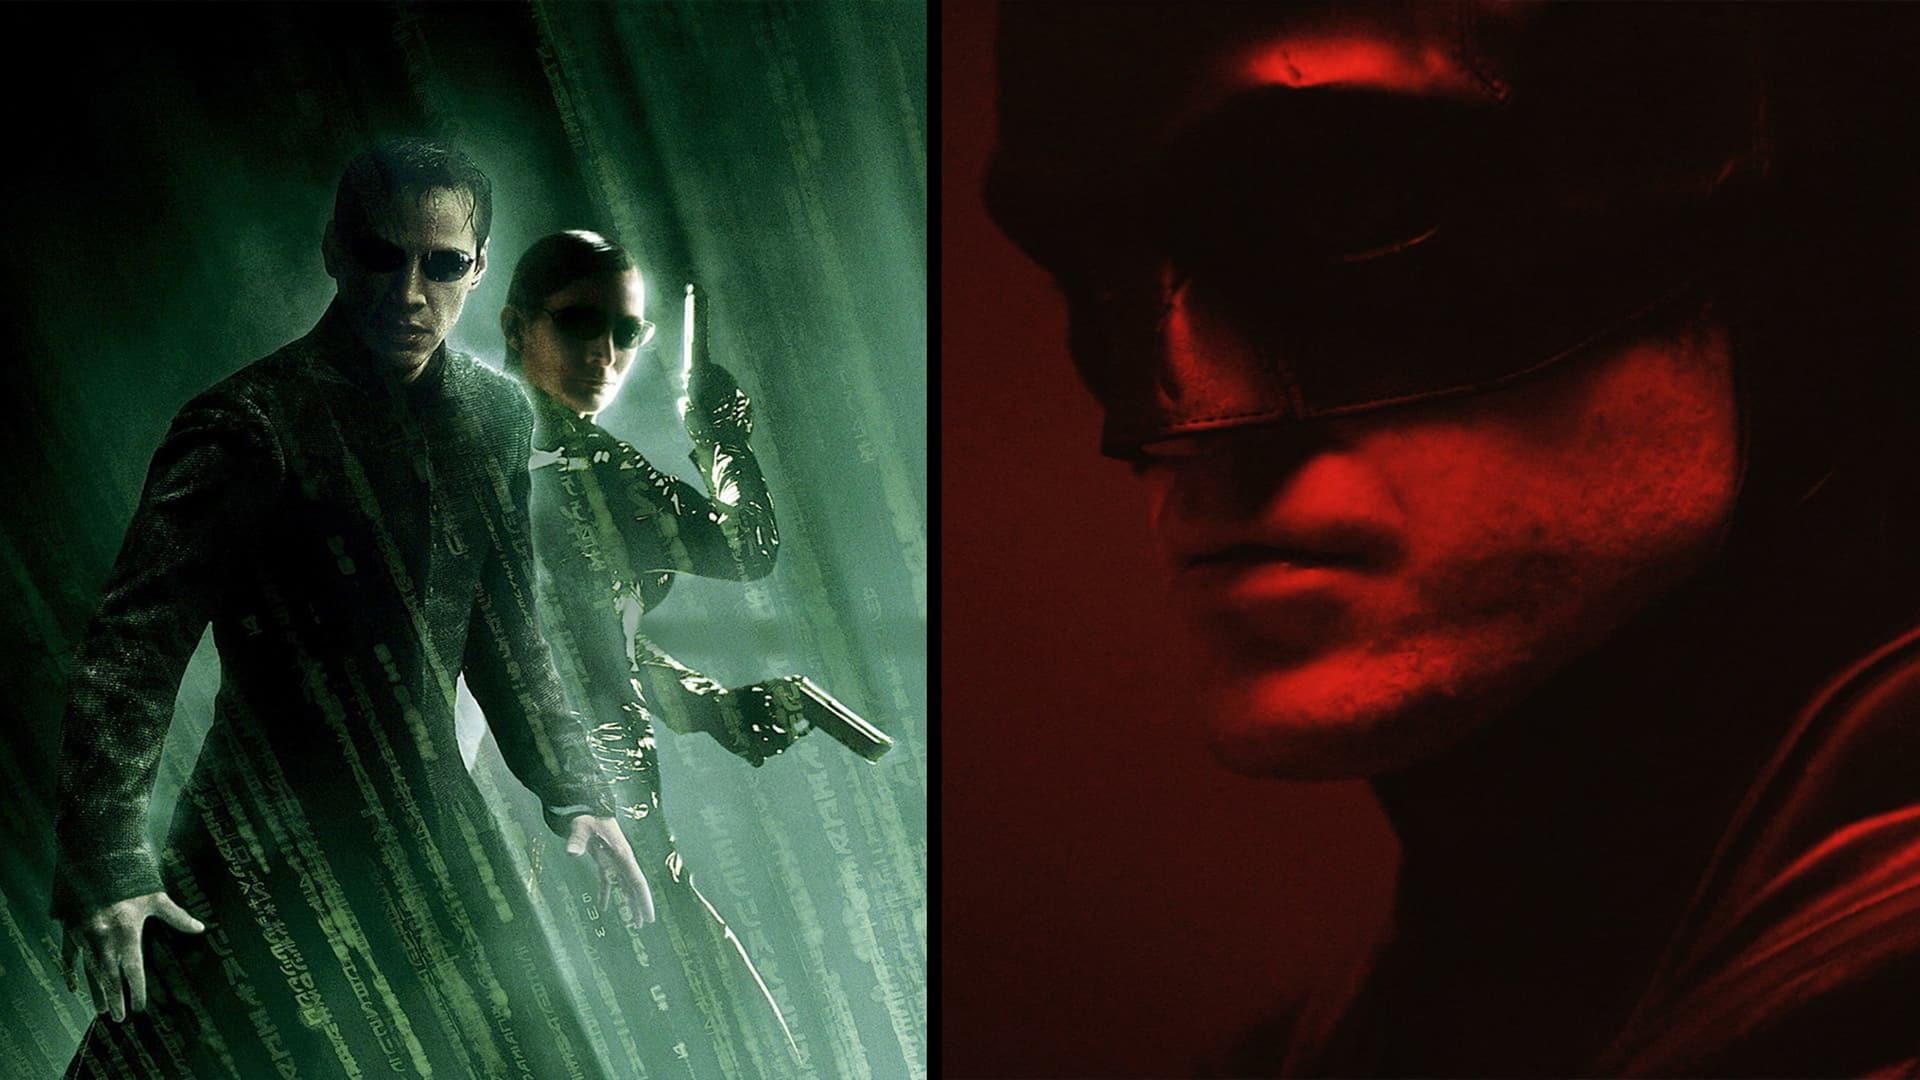 Filmy Matrix 4 a nový Batman môžu byť odložené. Máme sa báť?